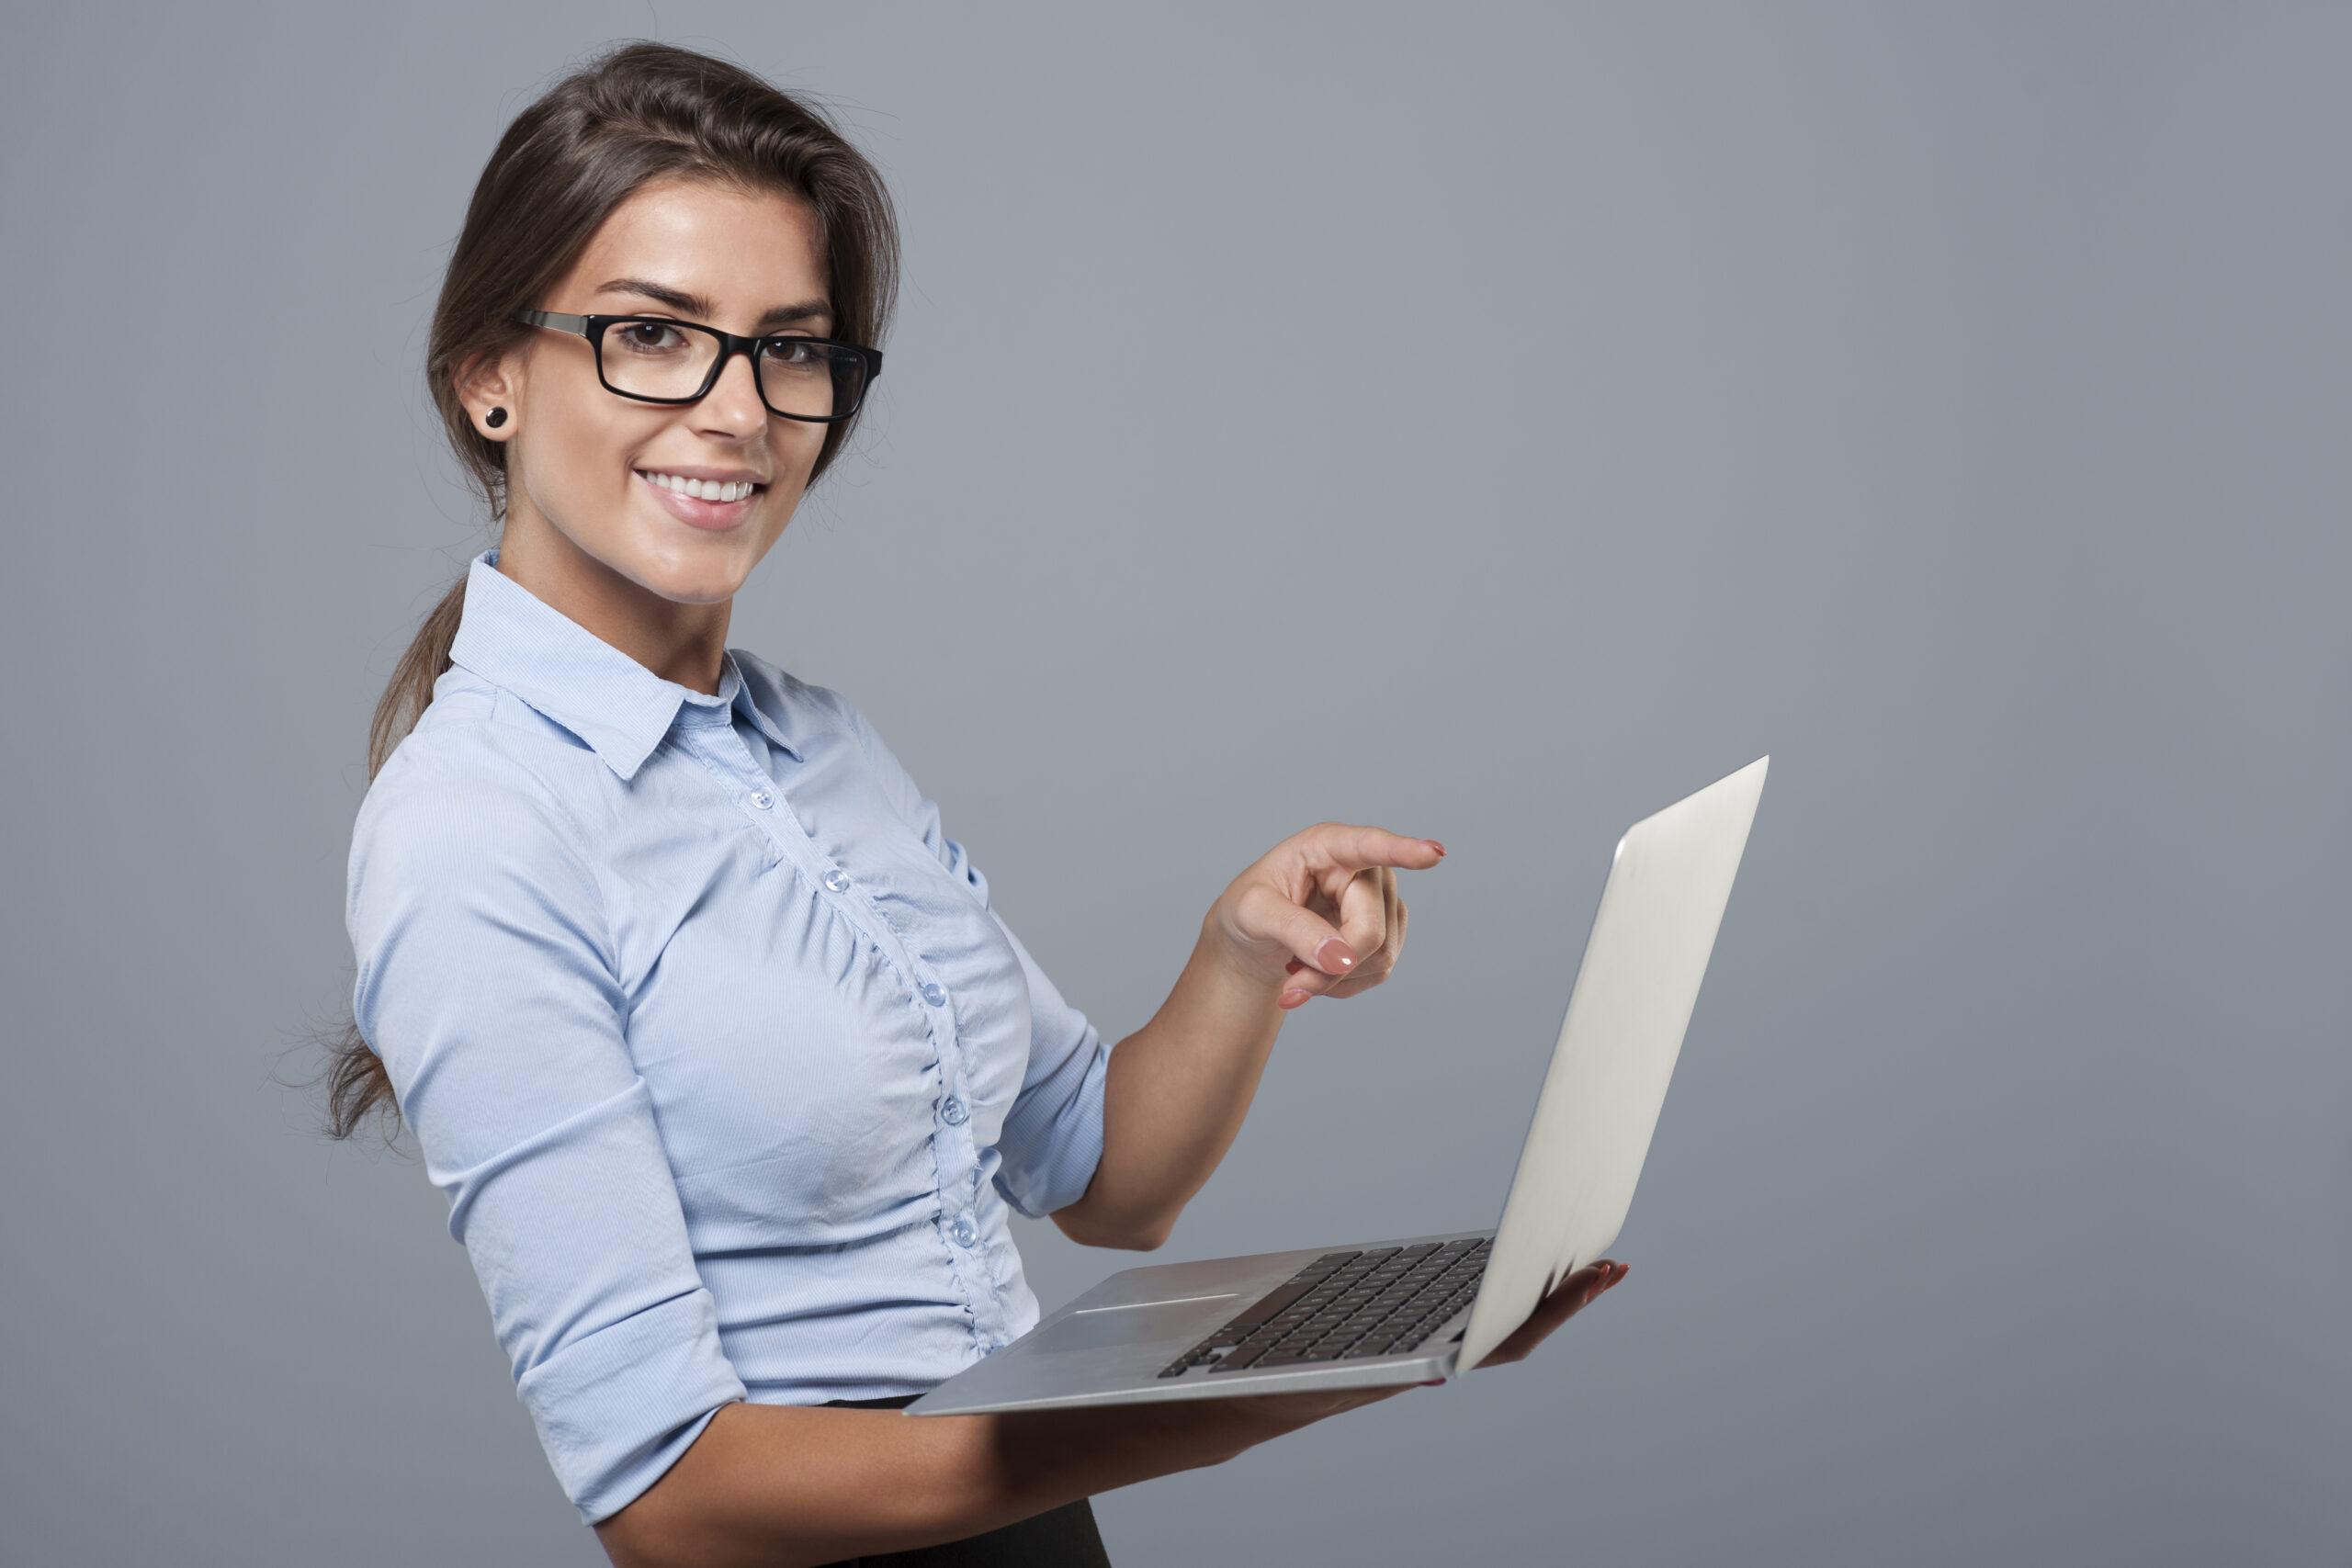 עסק אינטרנטי – המדריך למתחילים